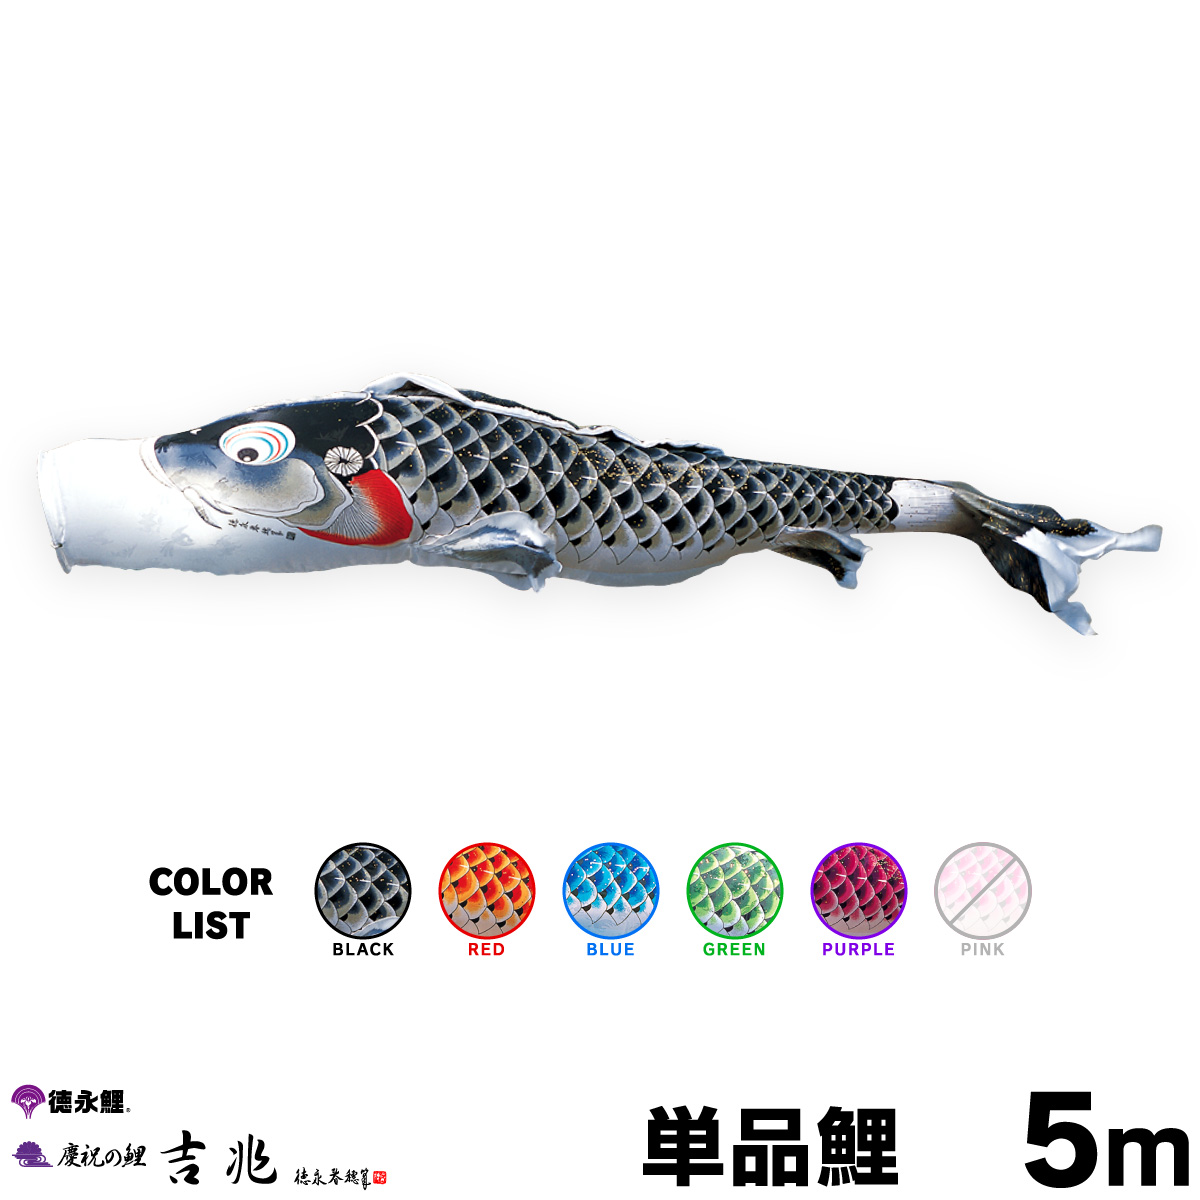 【こいのぼり 単品】 吉兆鯉 5m 単品鯉 黒 赤 青 緑 紫